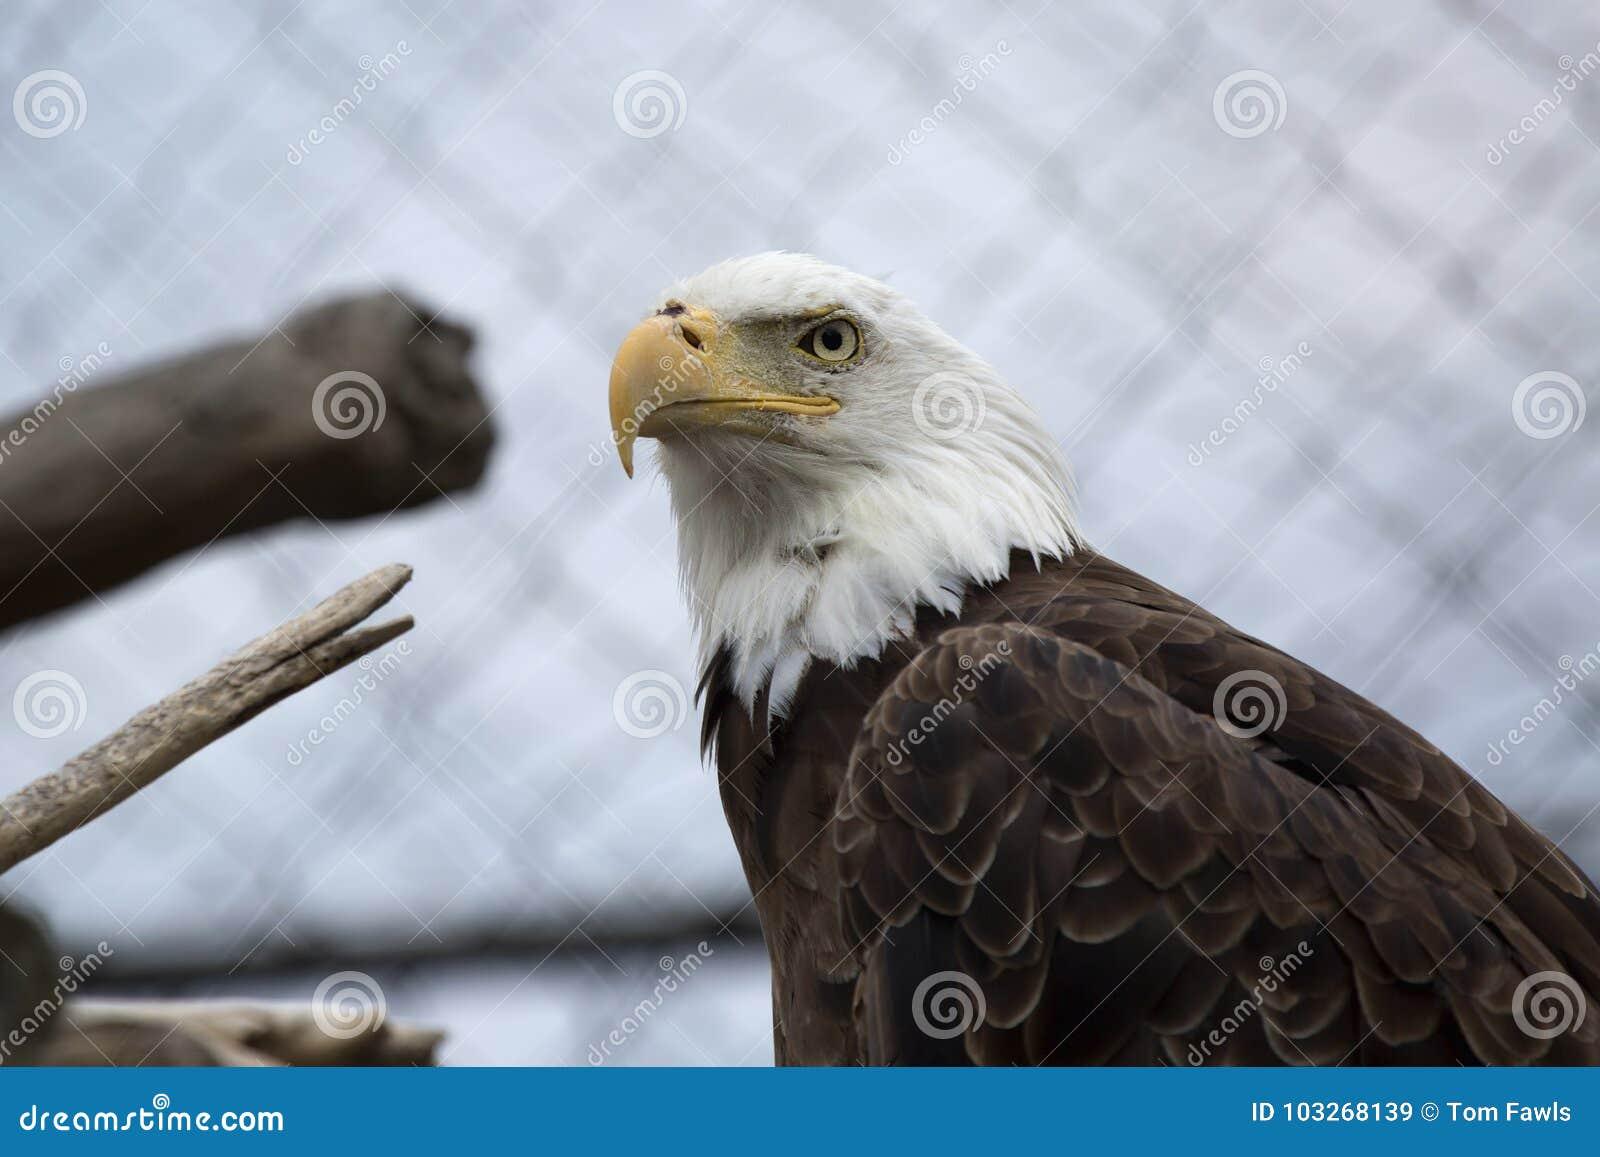 Kaal Eagle in Gevangenschap